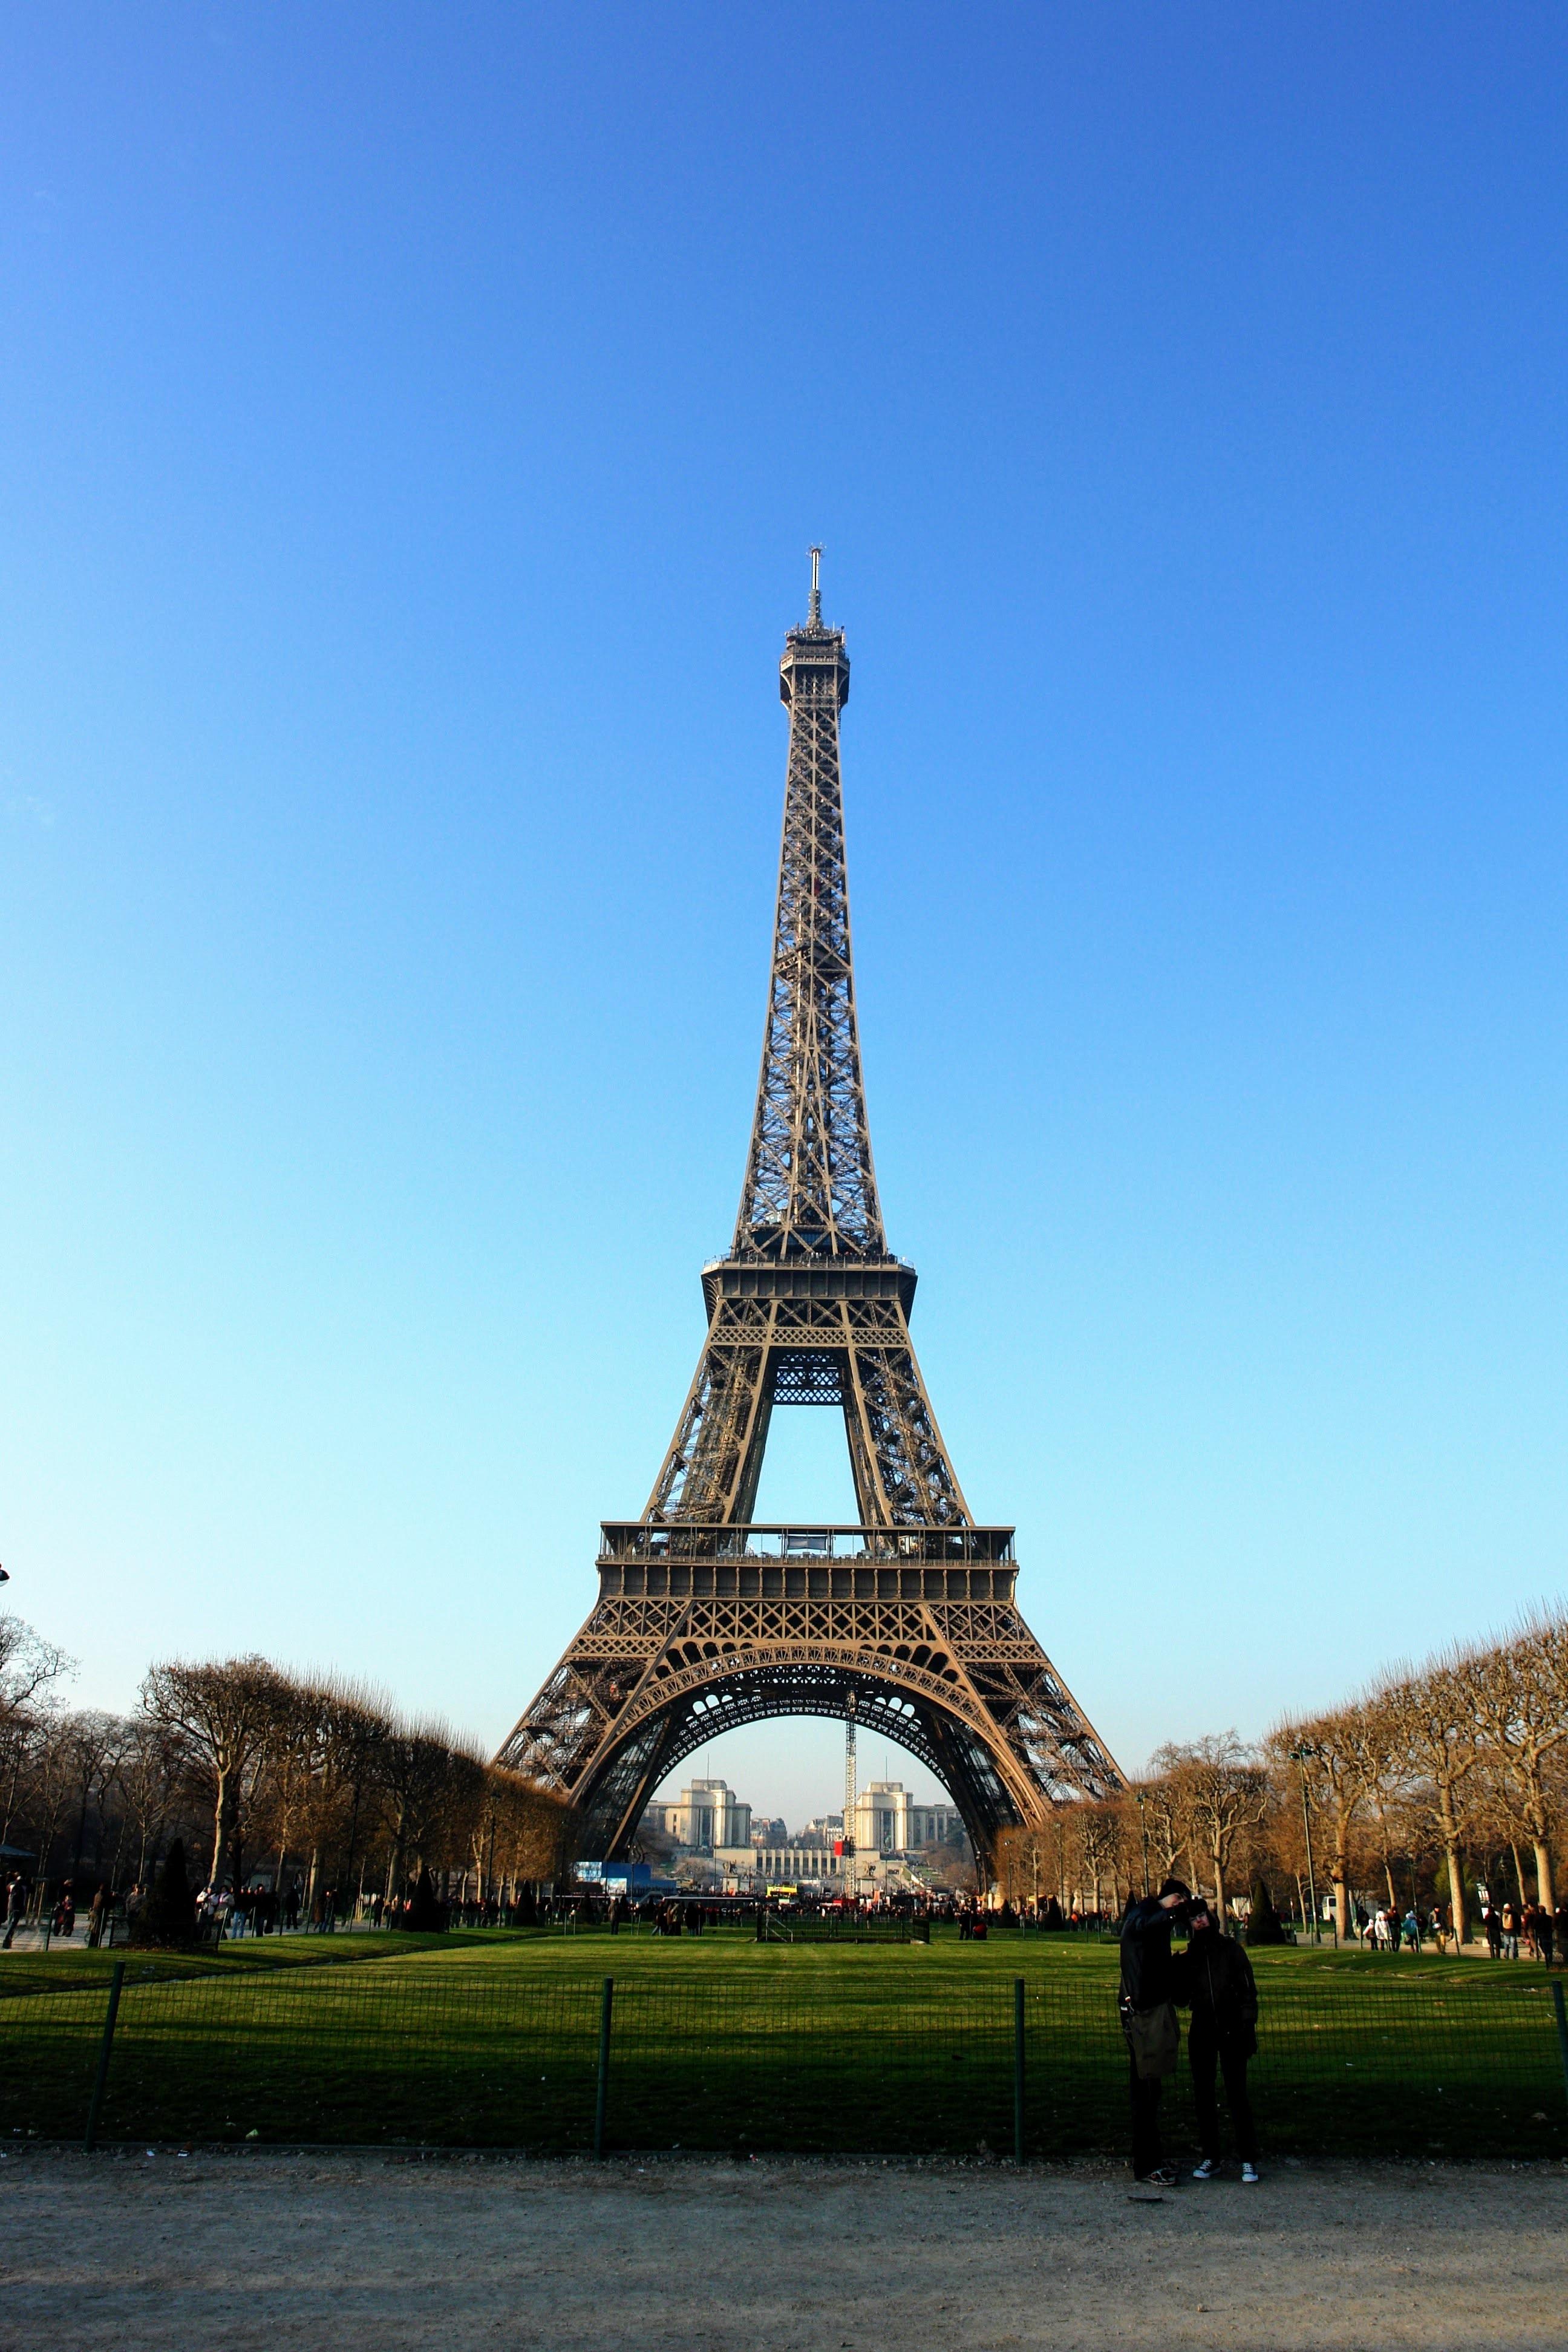 Fotos gratis rbol torre eiffel par s francia reflexi n torre punto de referencia - Image tour eiffel a imprimer ...